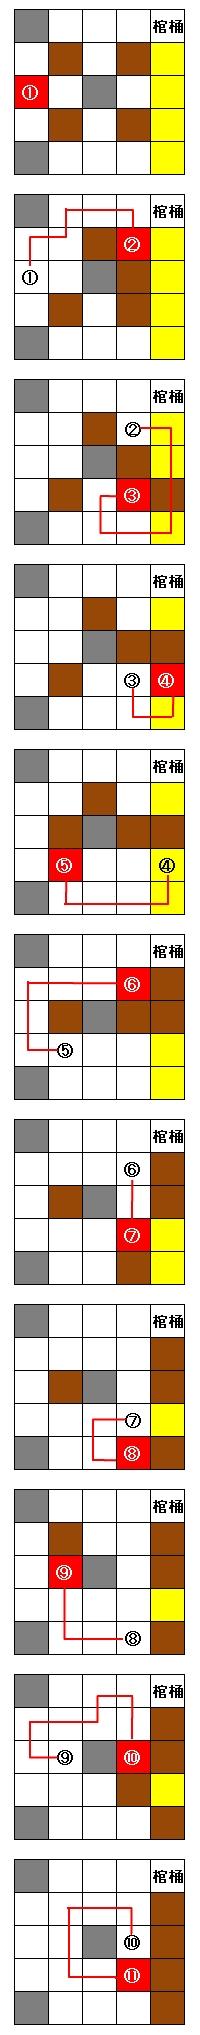 極限脱出_999_棺移動_J